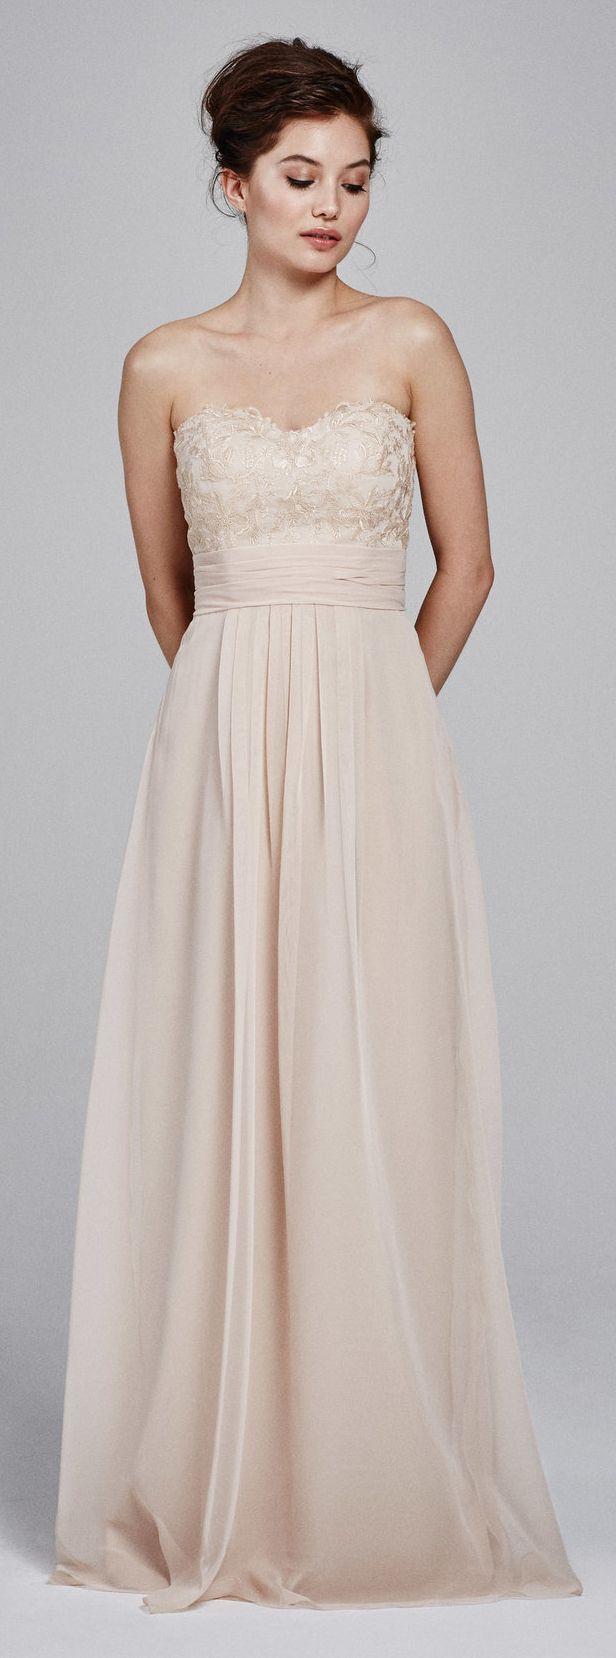 Berühmt Brautjunferkleider Ideen Bilder - Hochzeit Kleid Stile Ideen ...